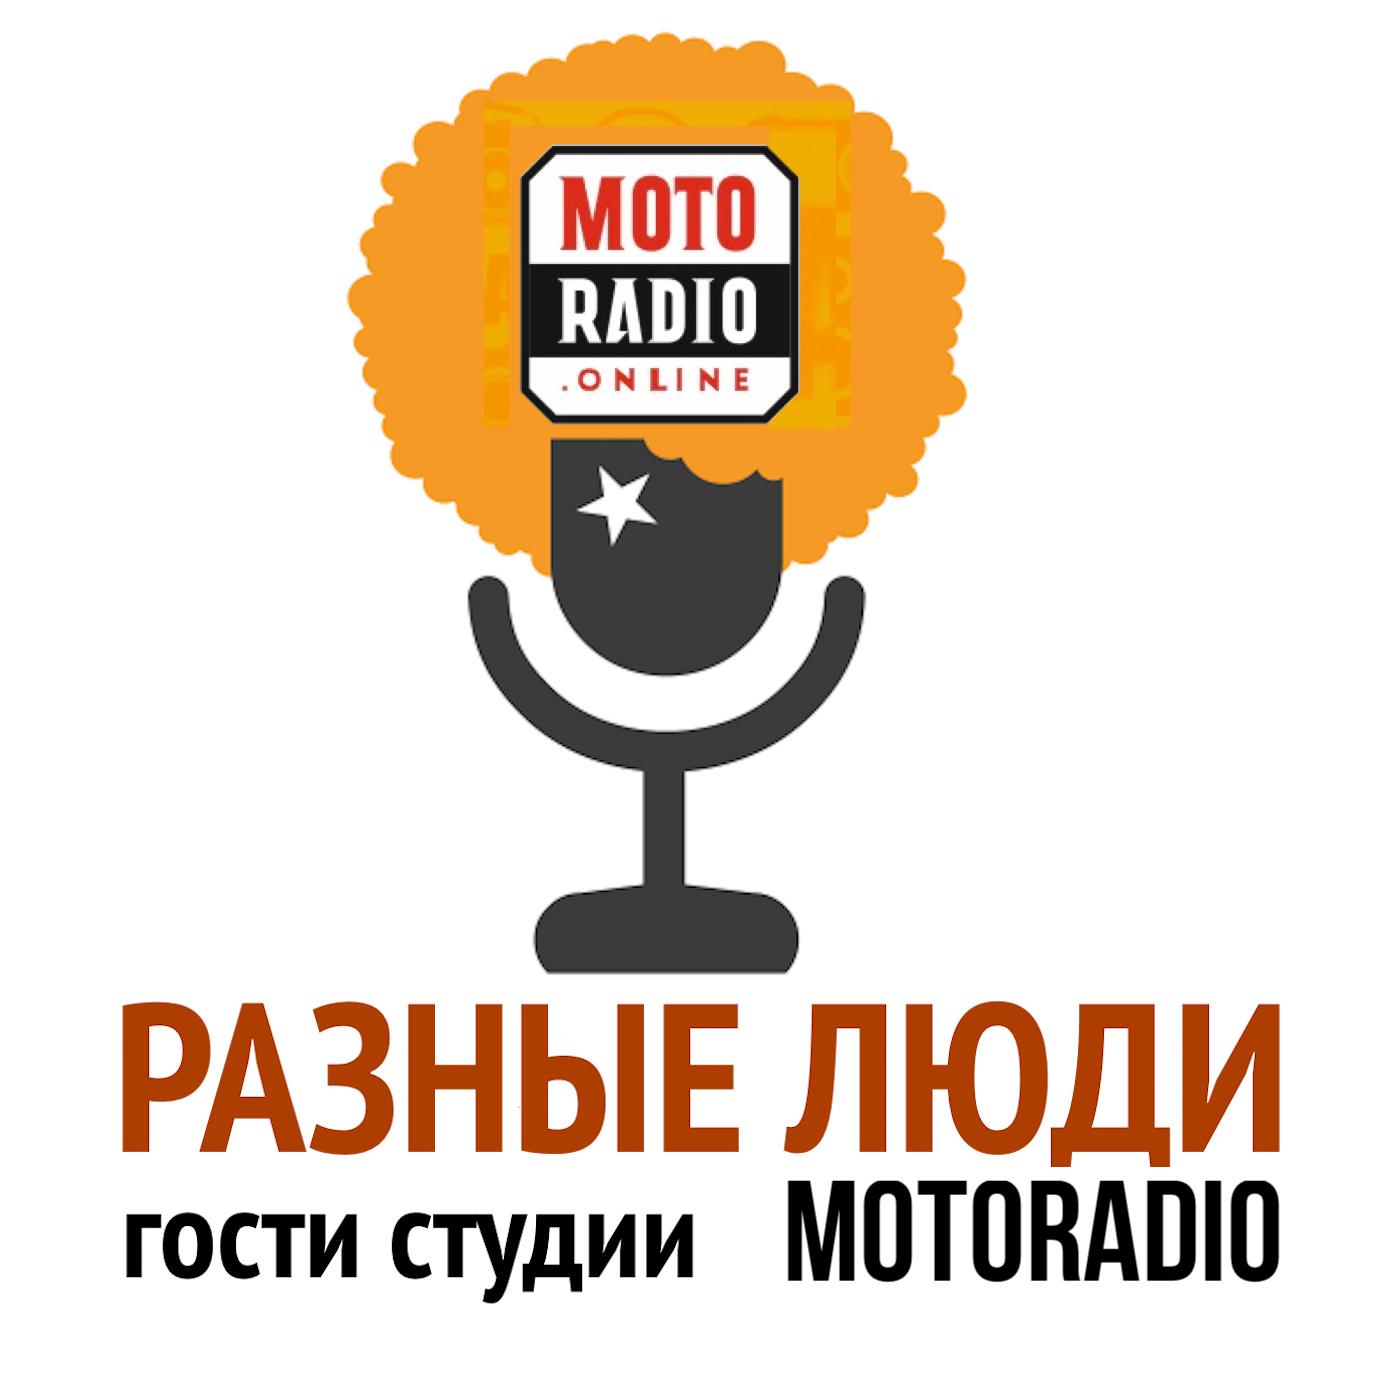 """Моторадио О фестивале ретро-автомобилей """"Фортуна 2016"""" рассказывают организаторы"""